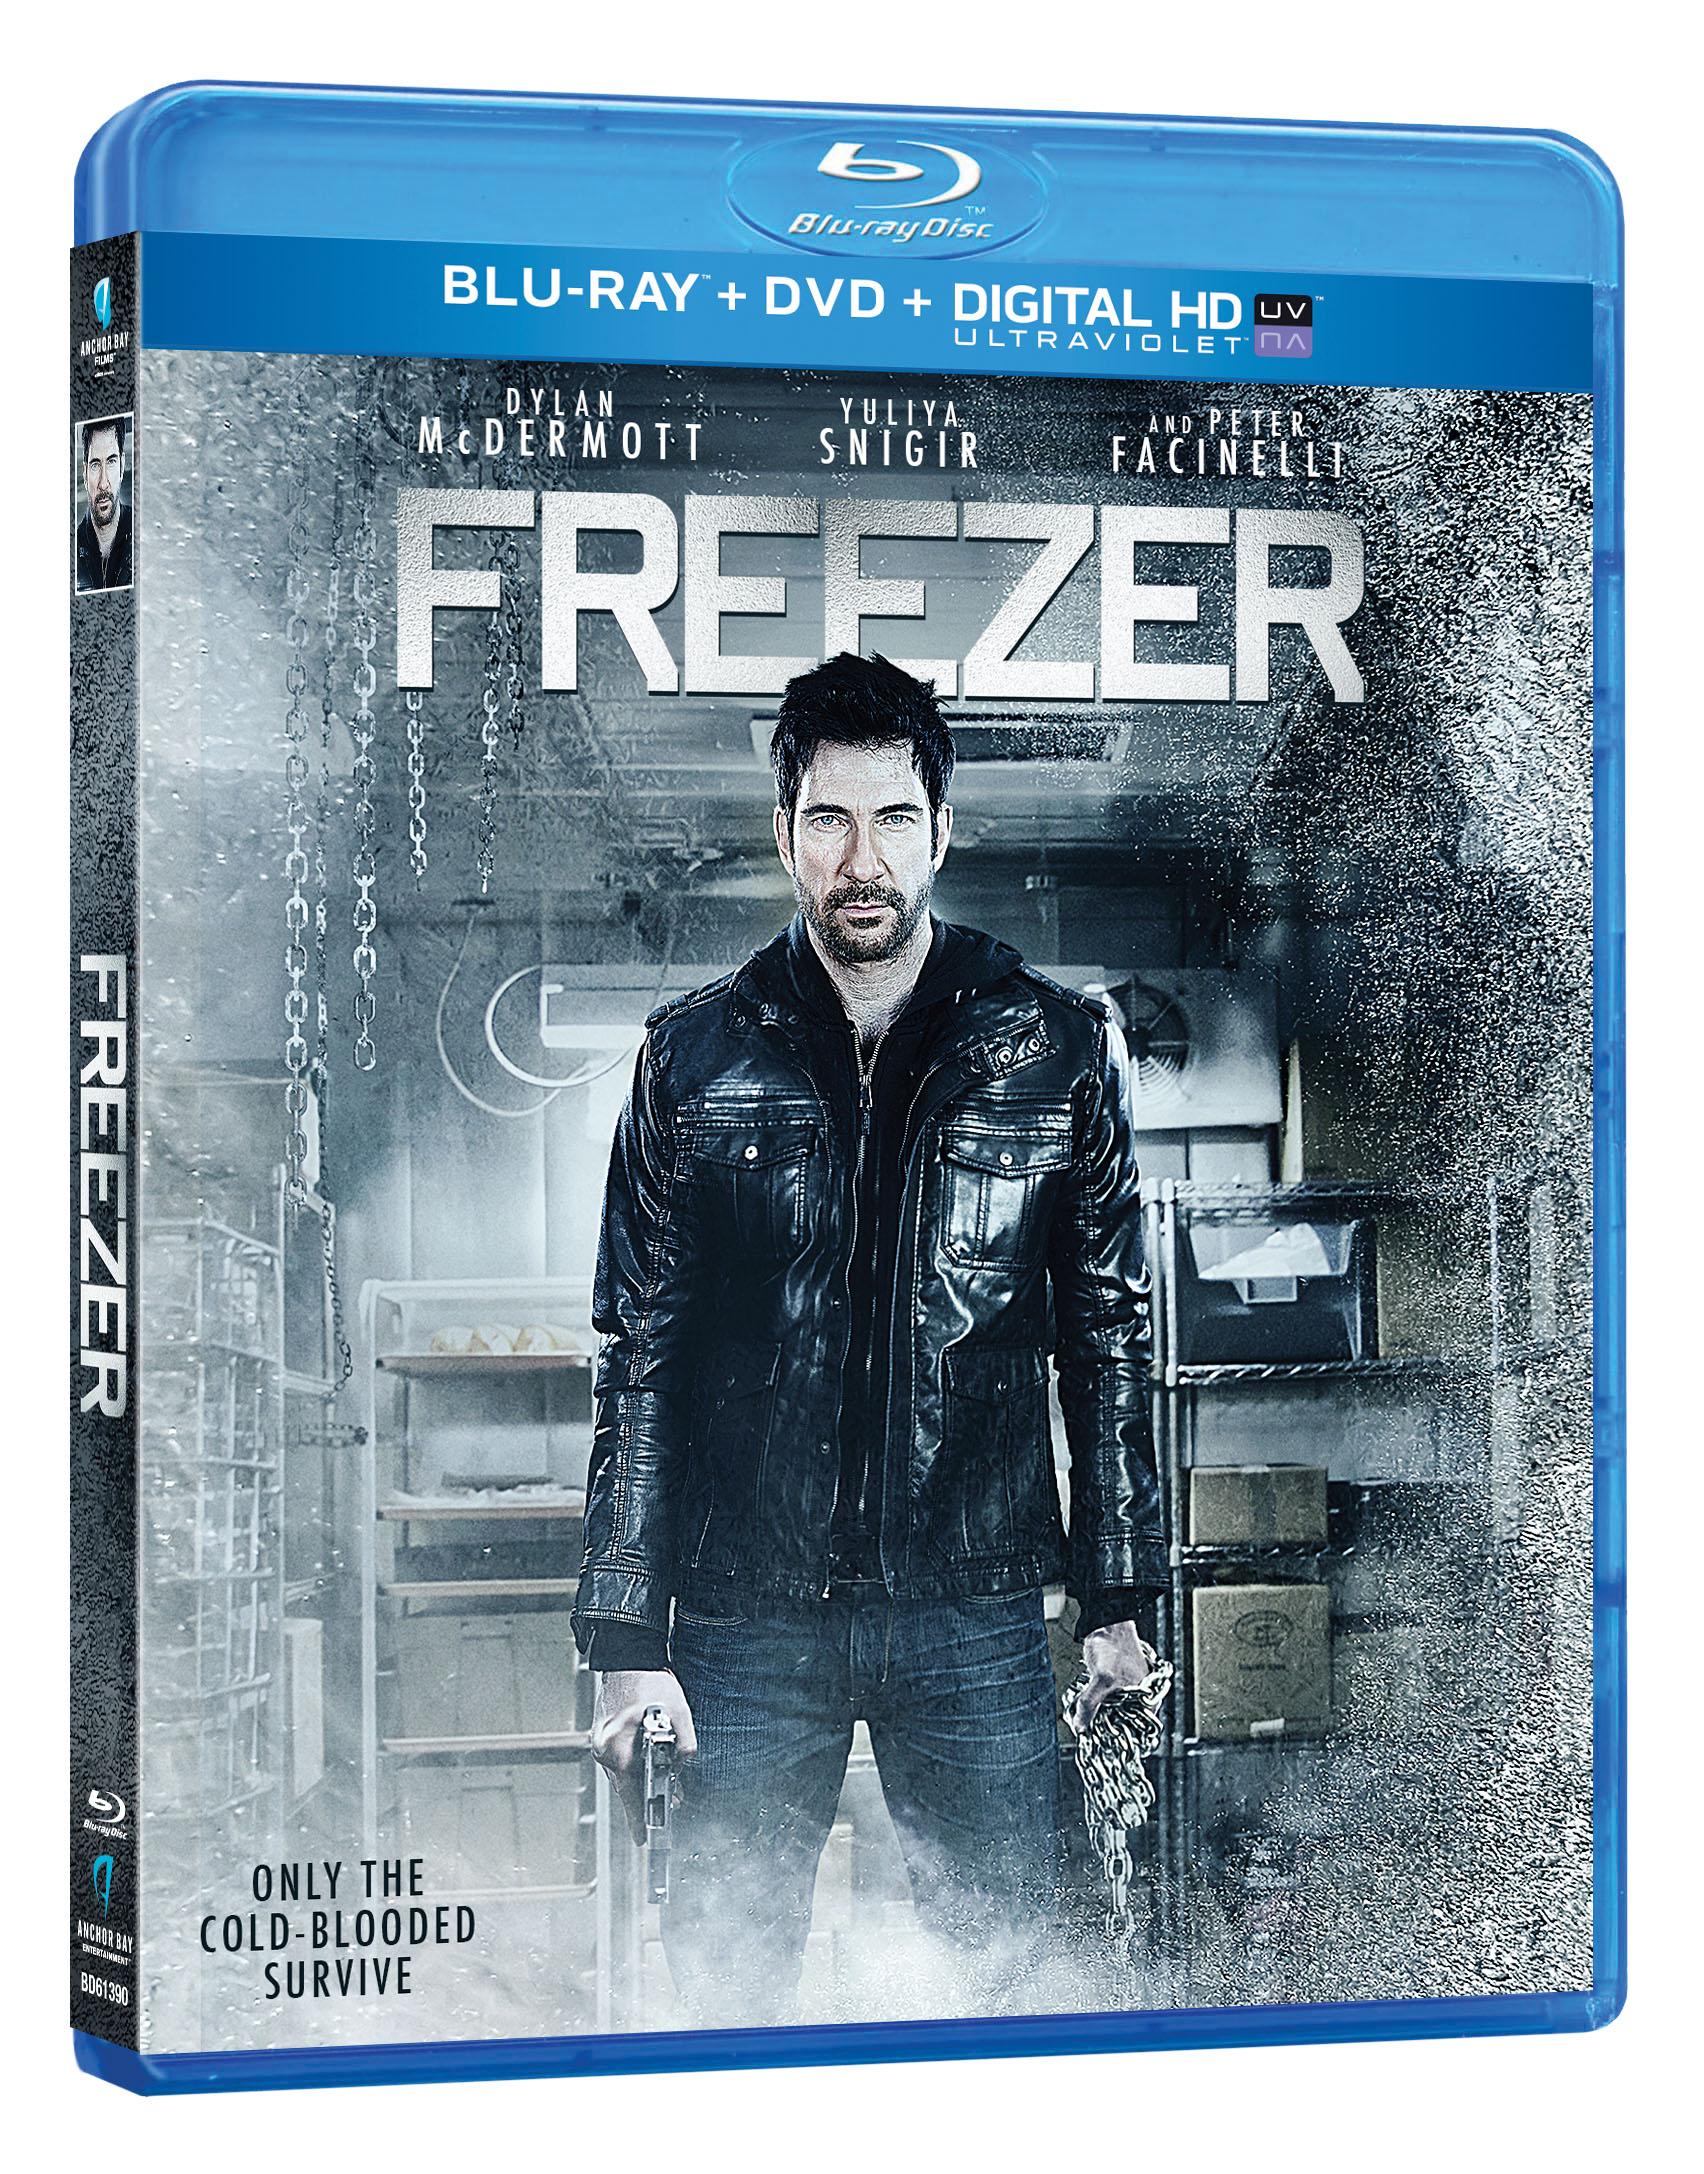 Freezer Blu-ray Review